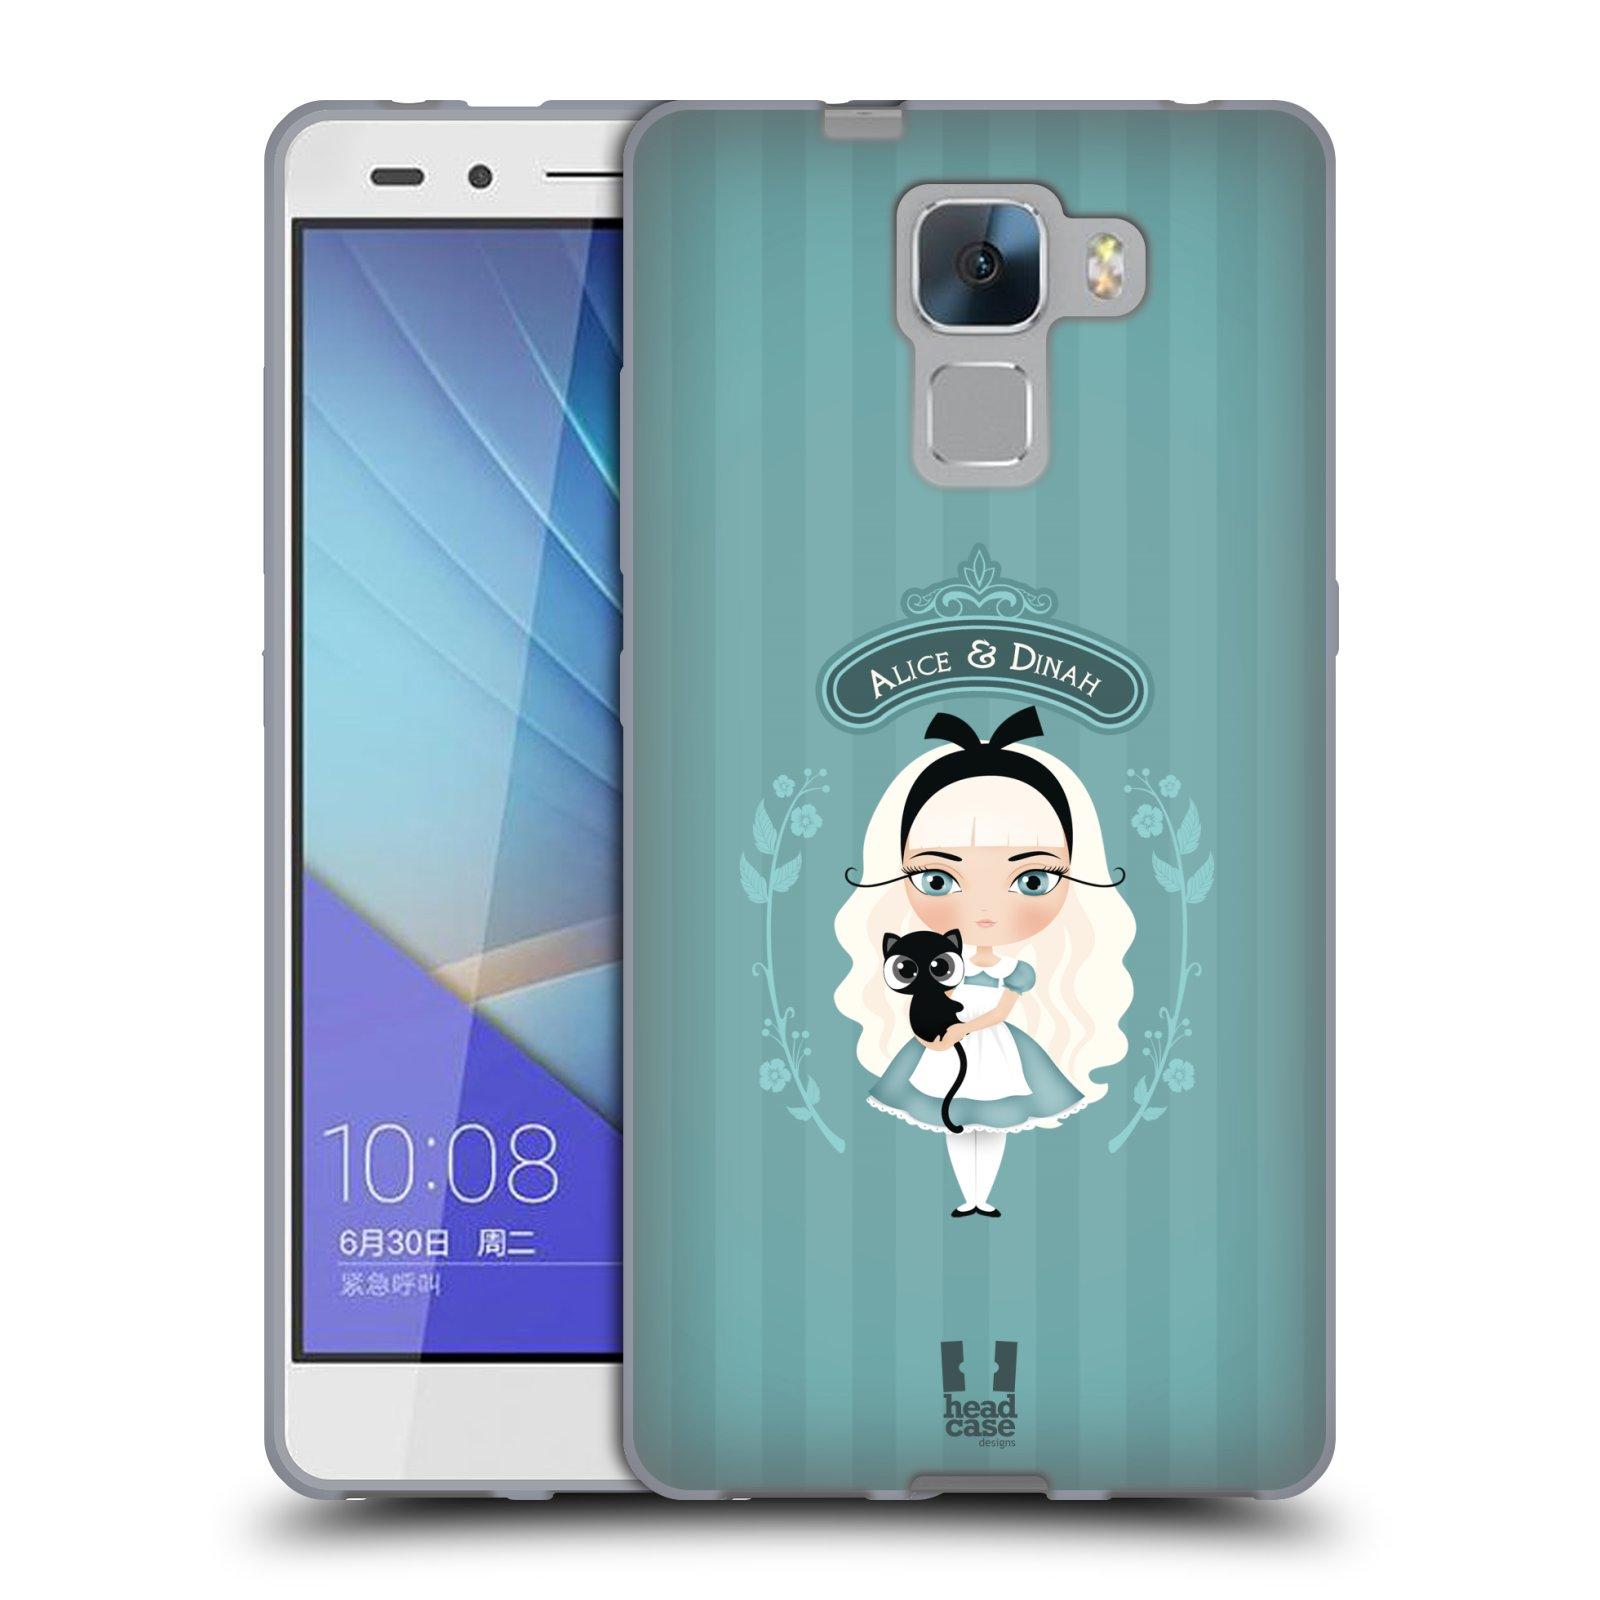 HEAD CASE silikonový obal na mobil HUAWEI HONOR 7 vzor Alenka v říši divů Alenka